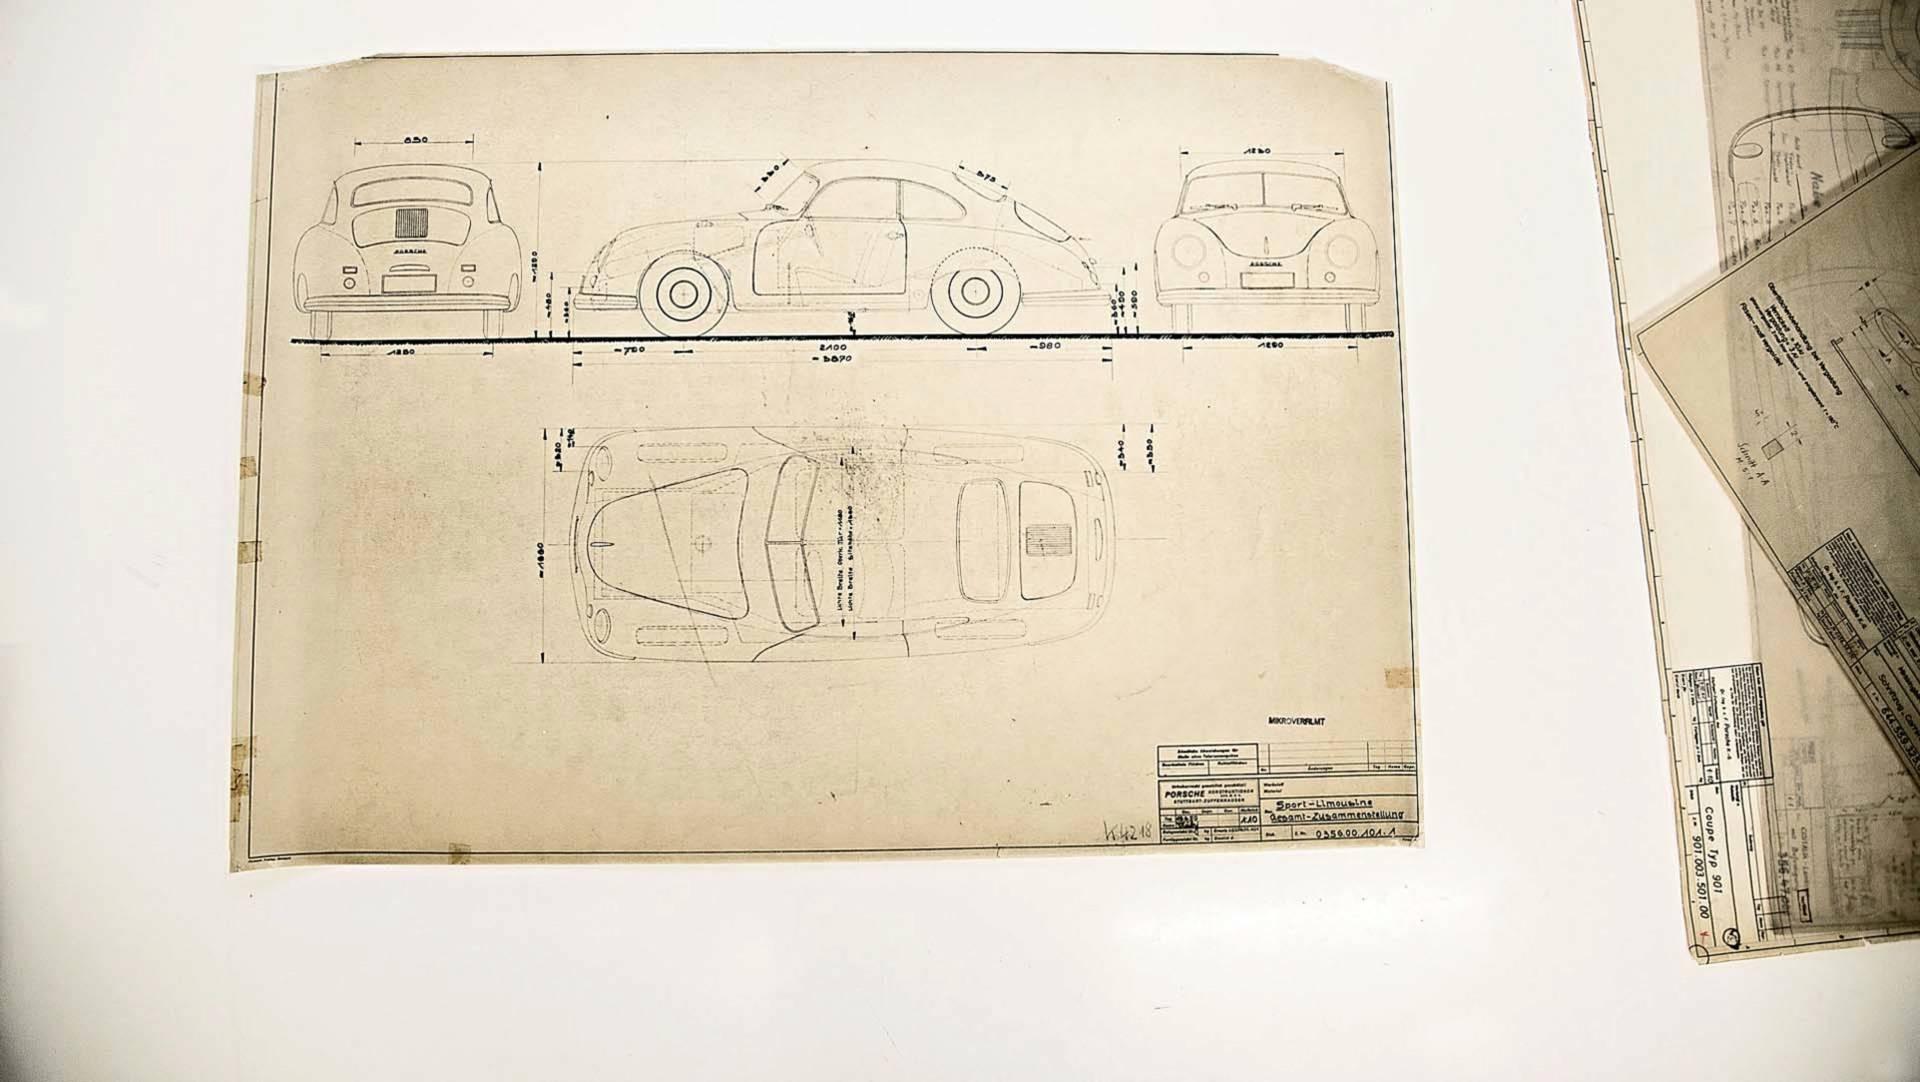 Porsche Design Drawings (5)